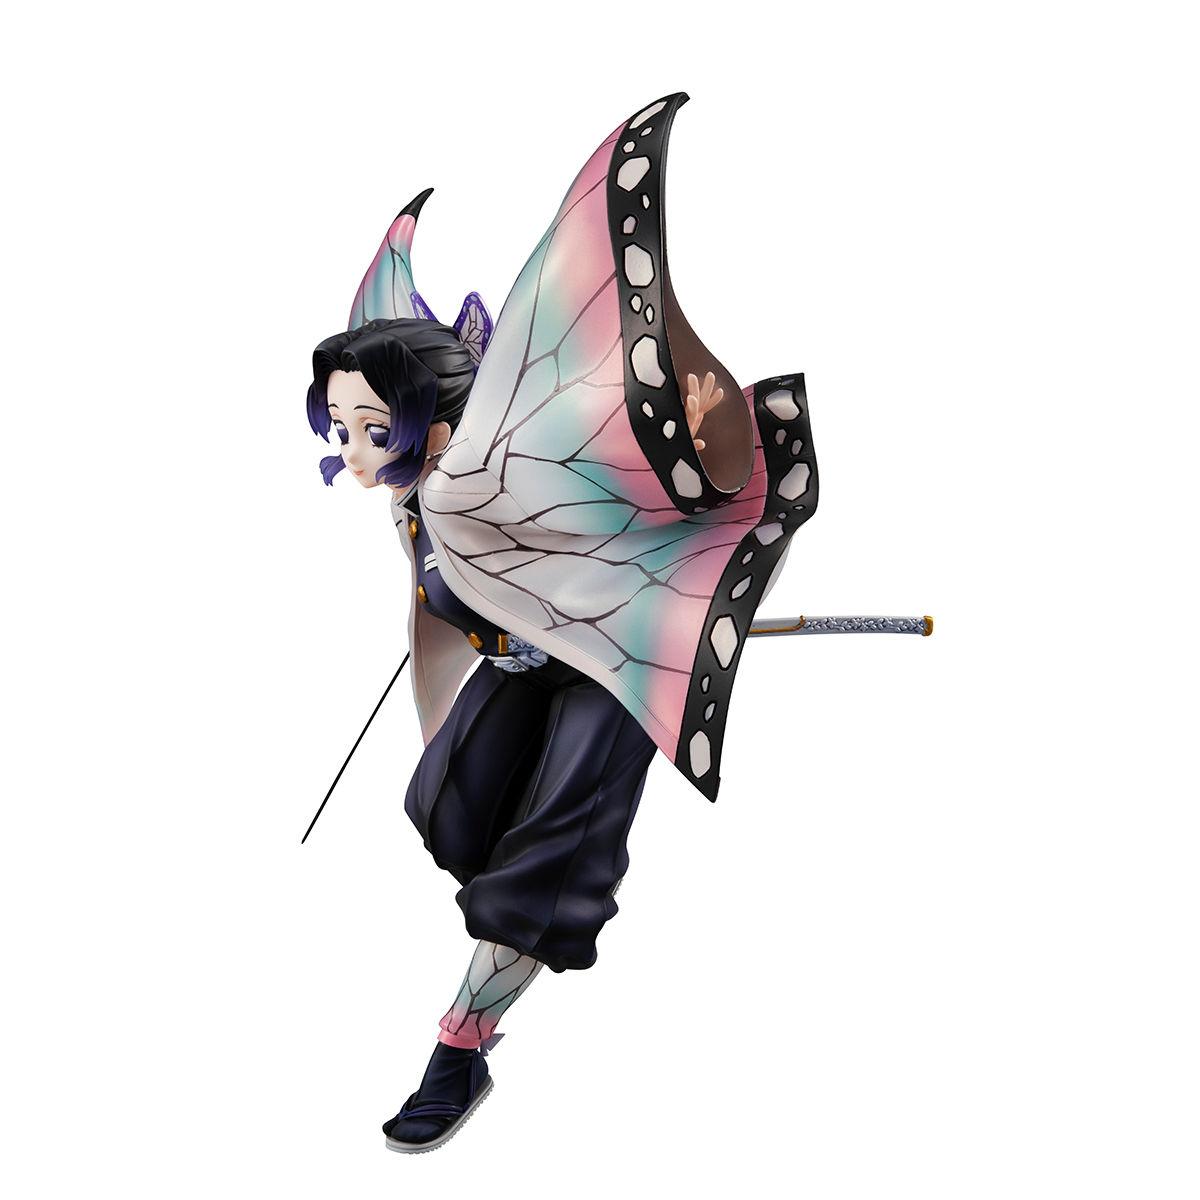 【限定販売】ギャルズシリーズ『胡蝶しのぶ(こちょう しのぶ)』鬼滅の刃 完成品フィギュア-004